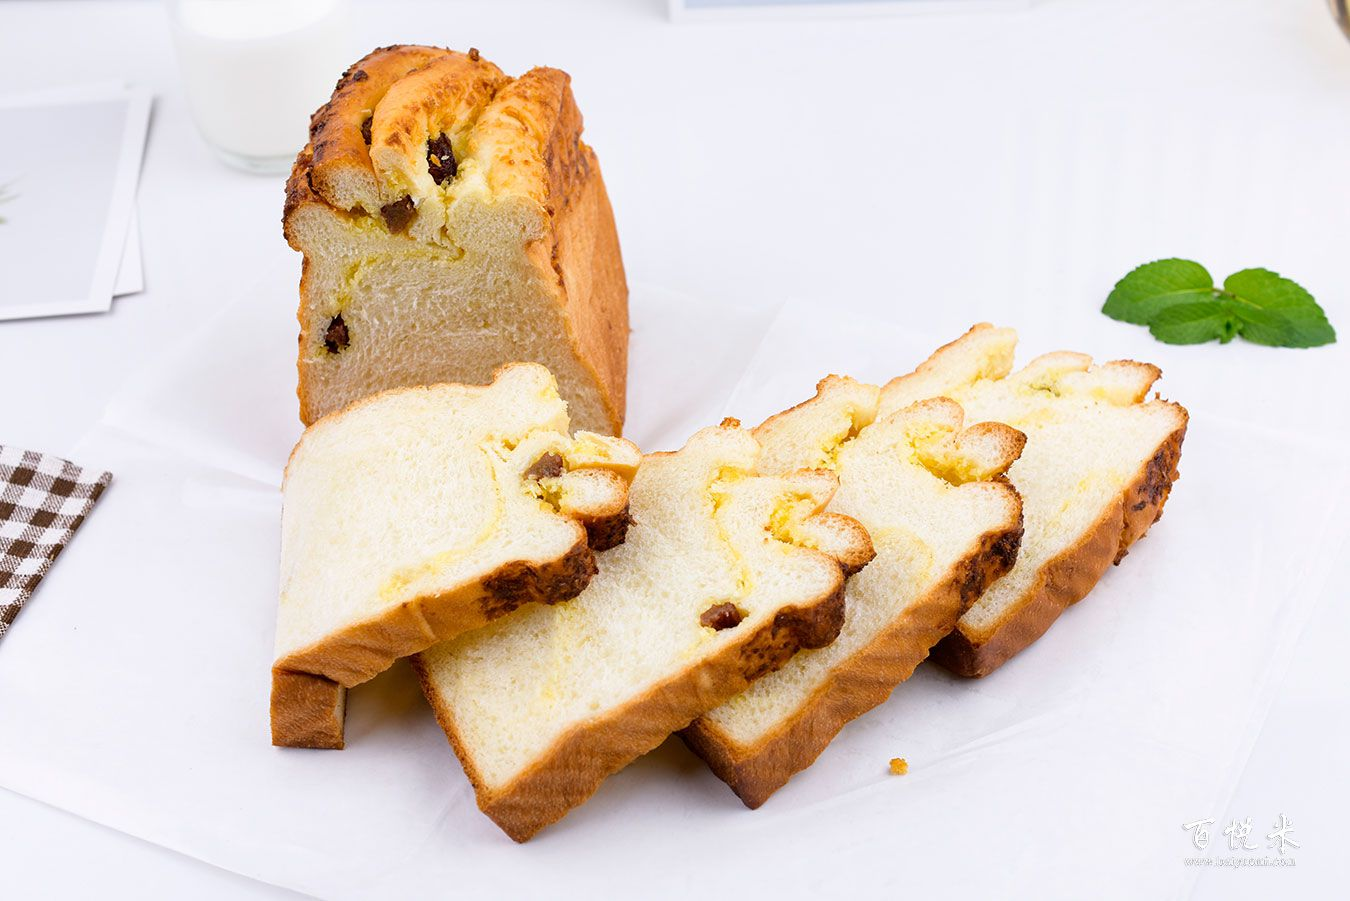 椰蓉吐司的高清图片大全【蛋糕图片】_301